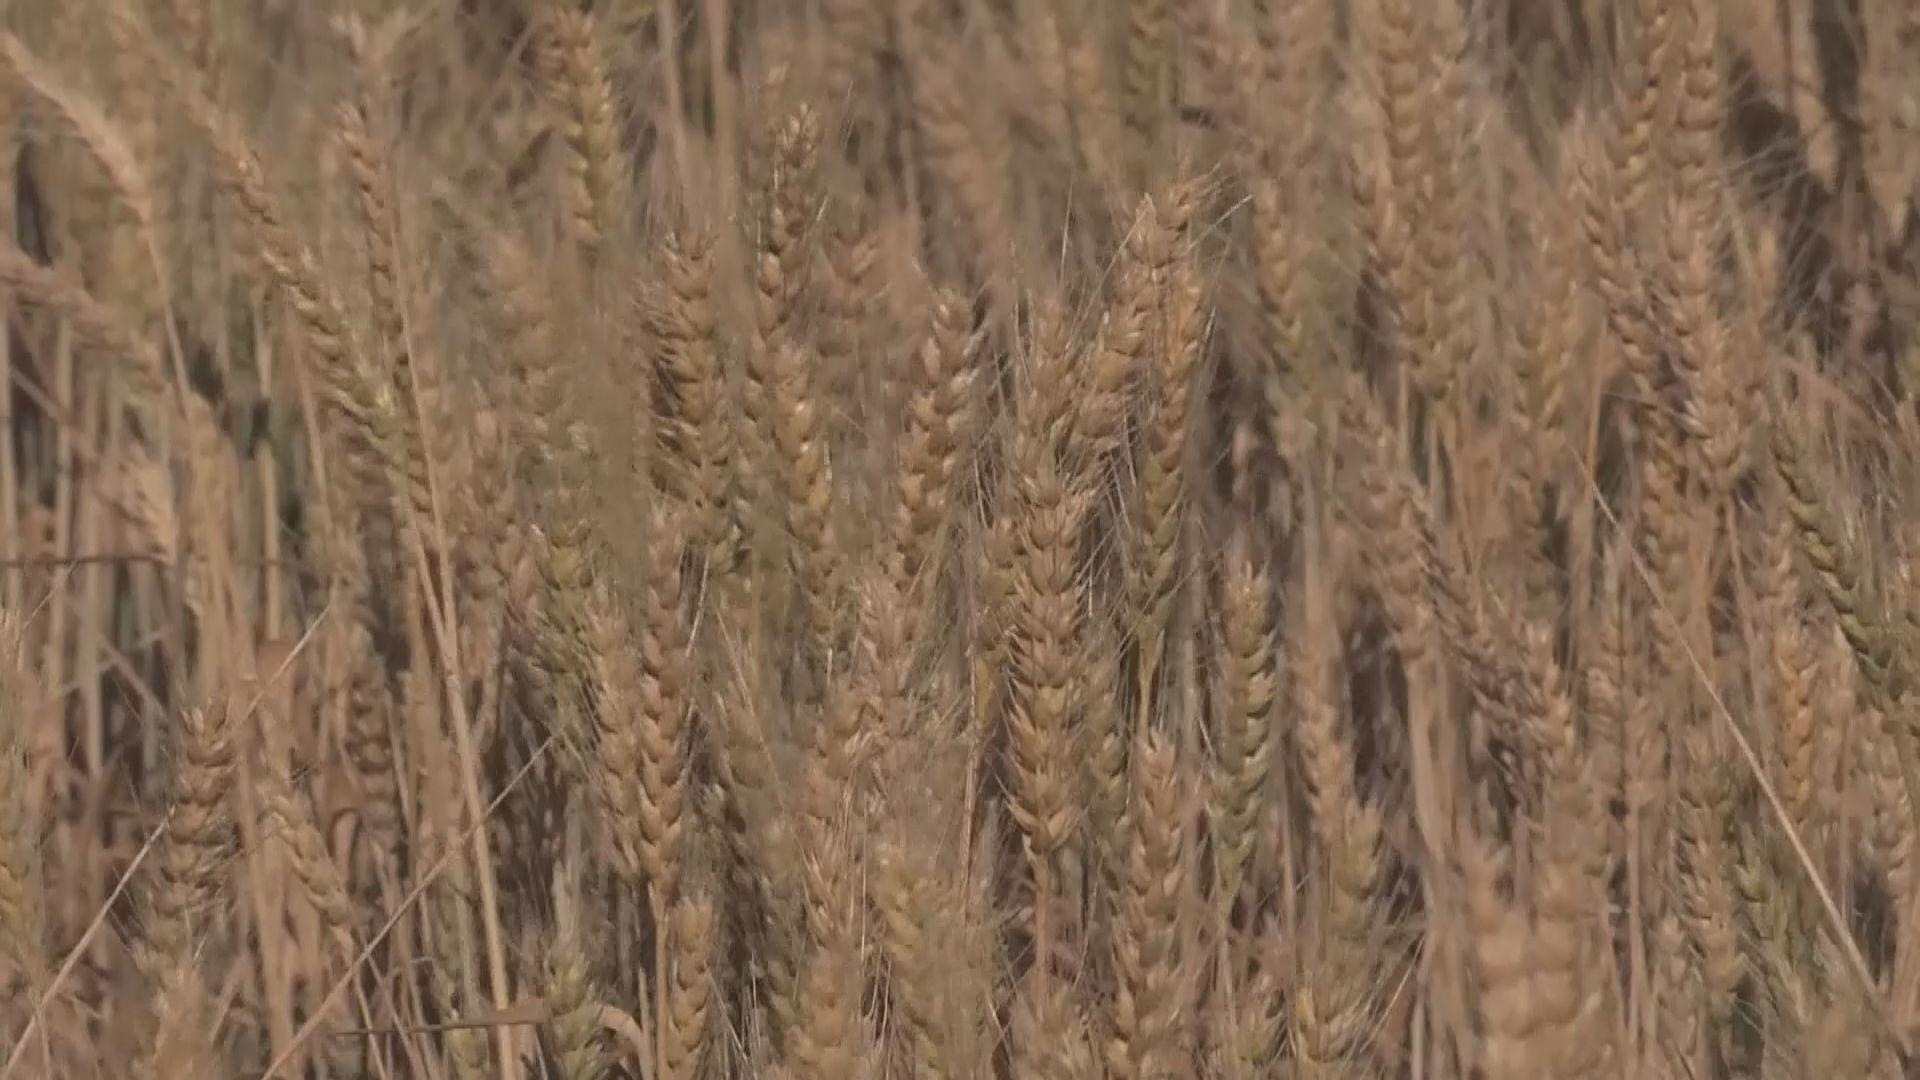 澳洲將就大麥徵稅向世貿申訴 中方促澳洲勿針對華企